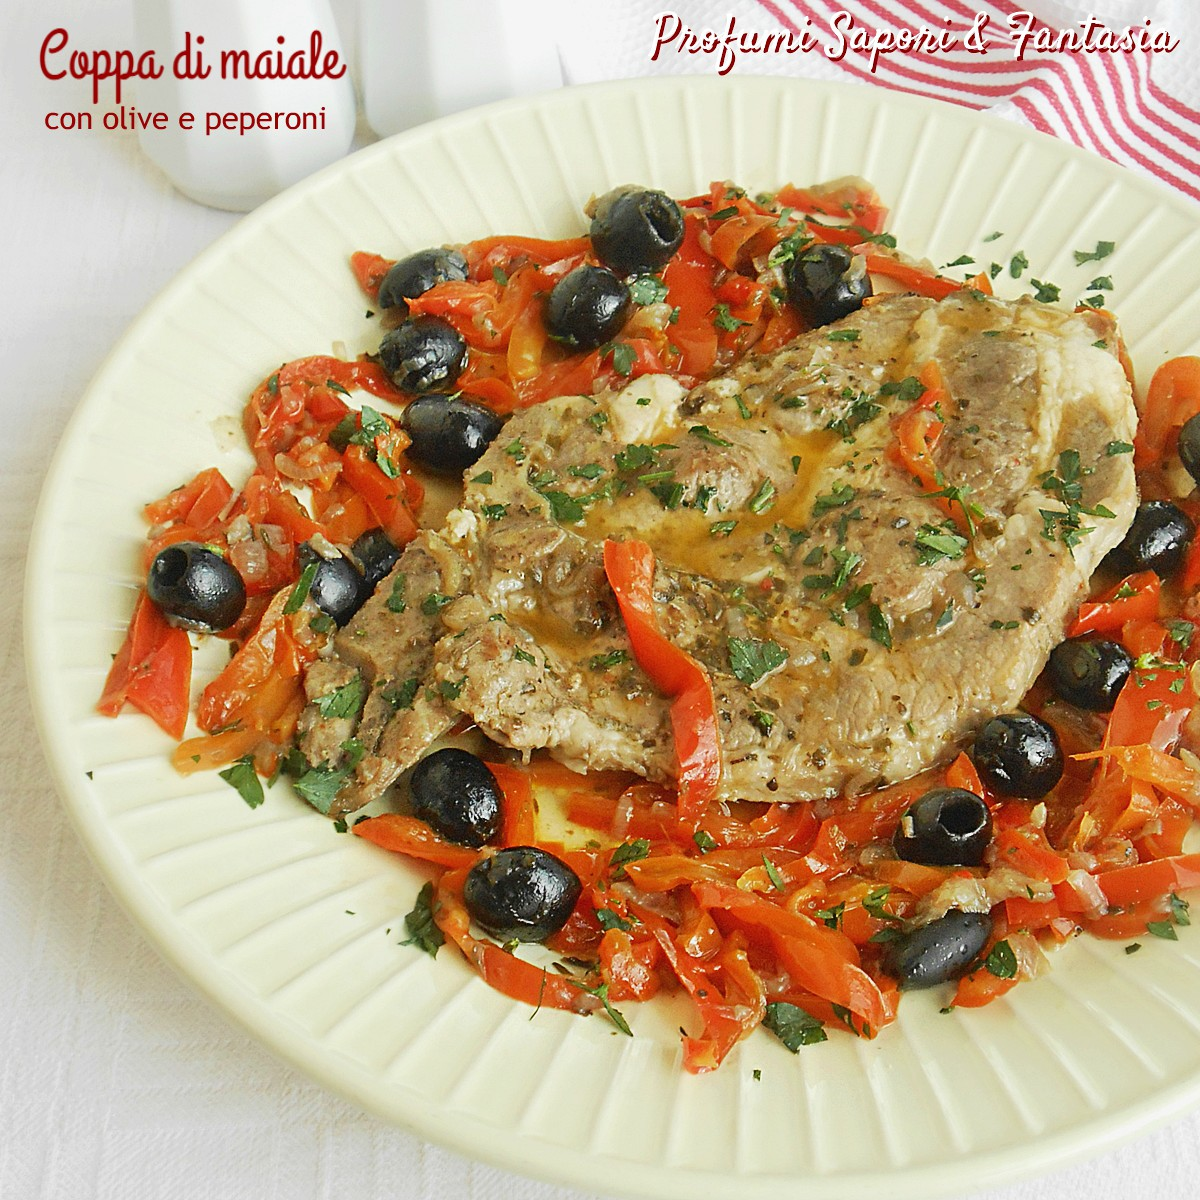 Coppa di maiale con olive e peperoni